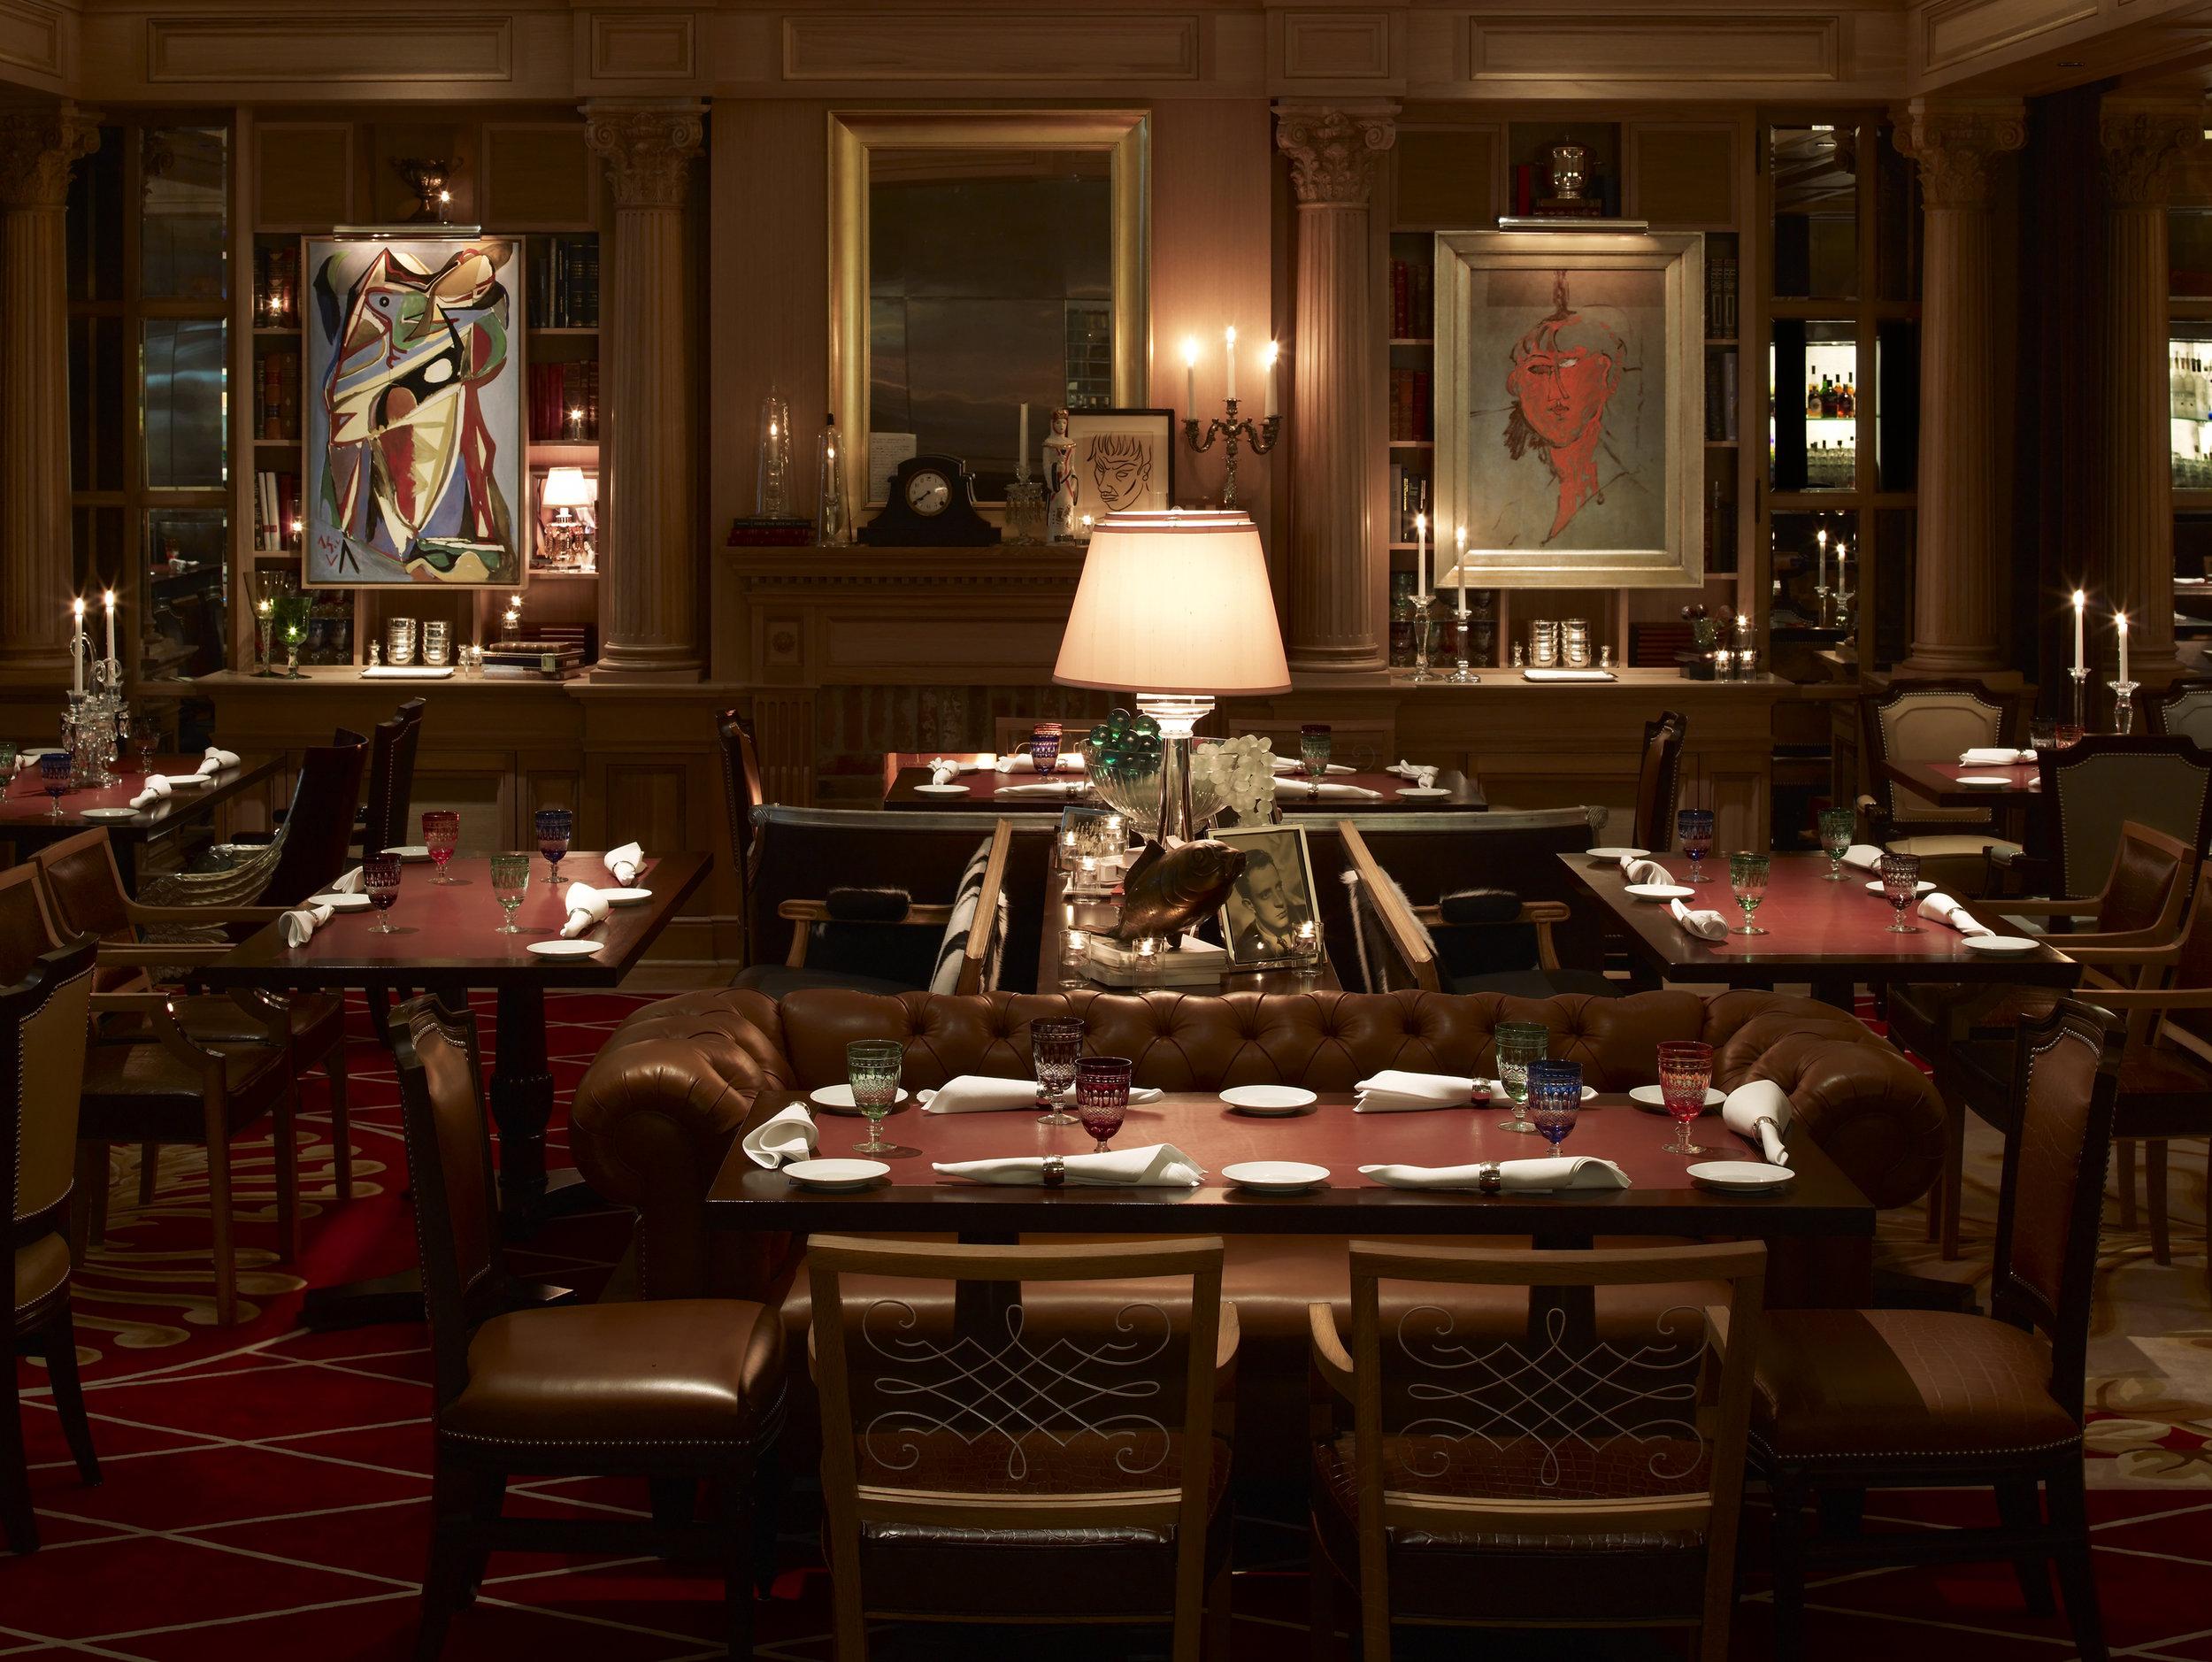 XIV Mina's Restaurant - Hollywood, Ca